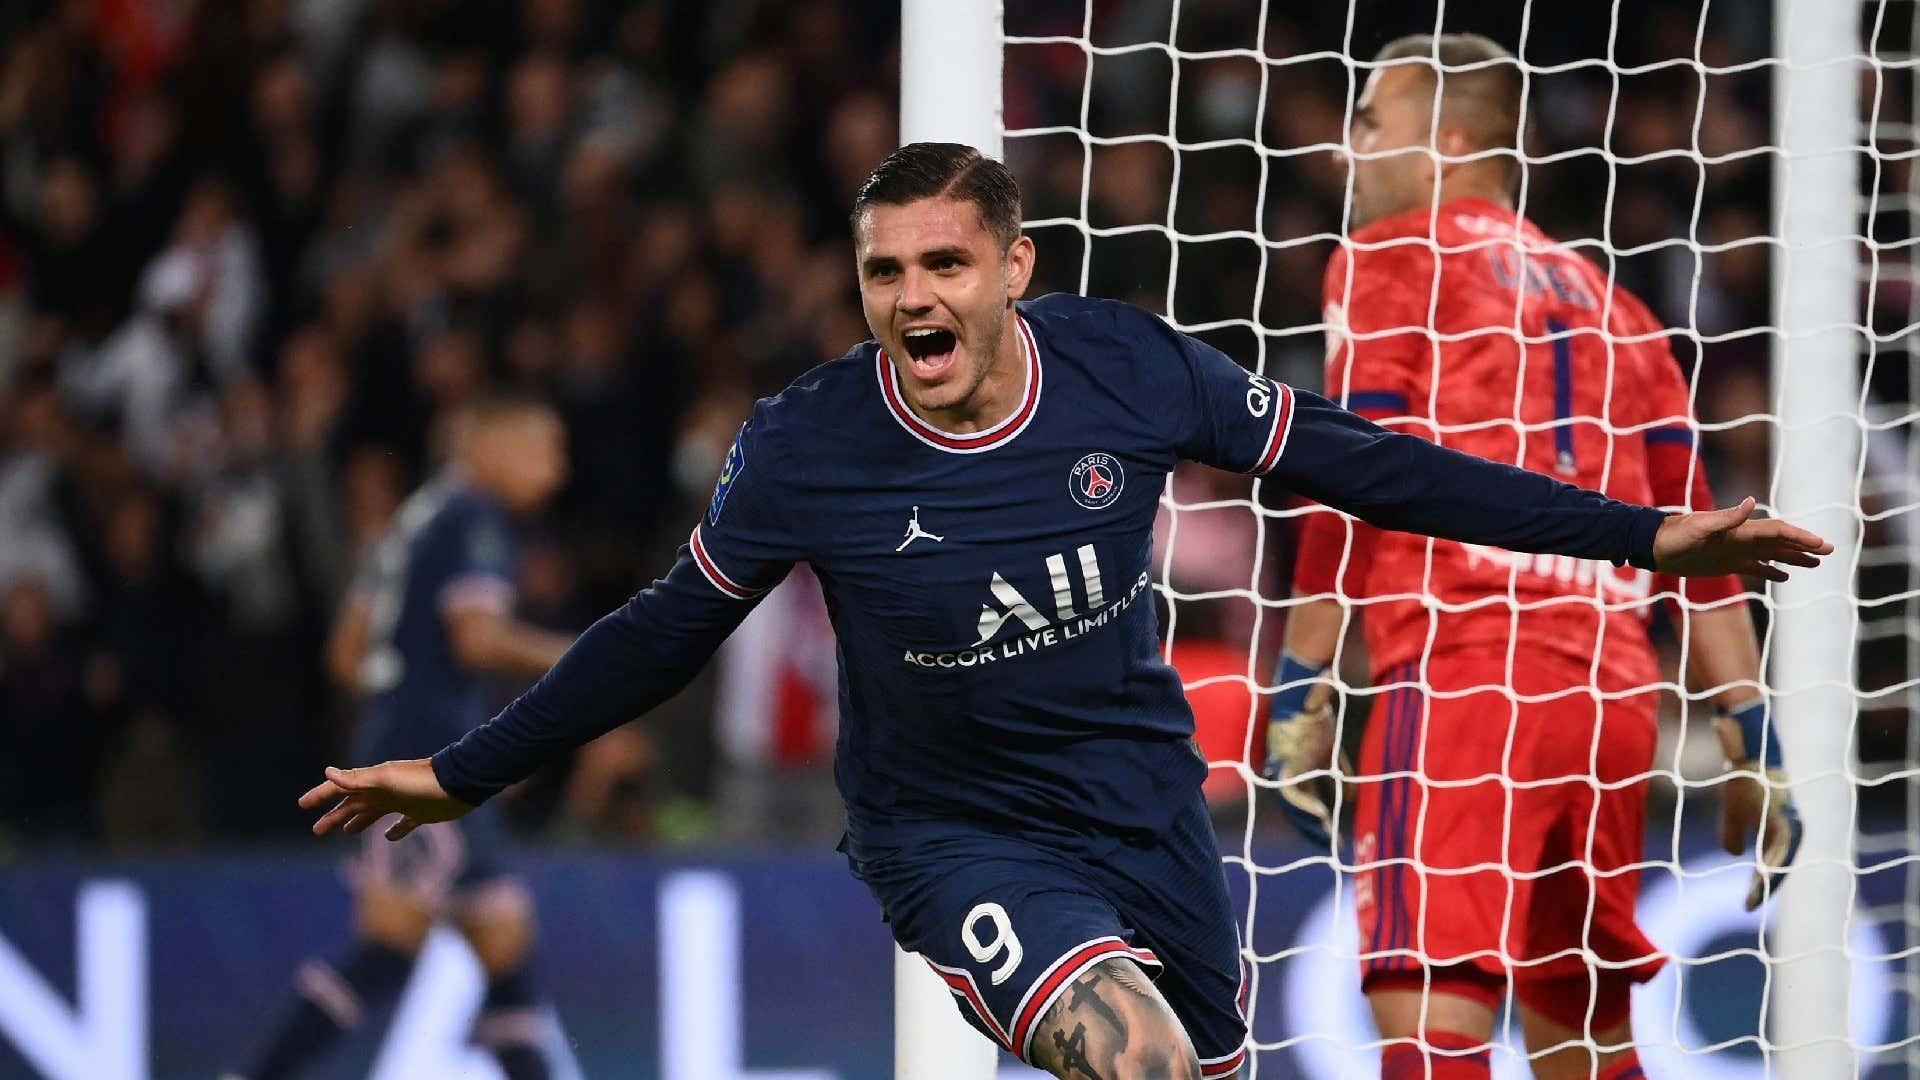 Les compos du PSG - Angers : Icardi retrouve une place dans le onze | Goal.com